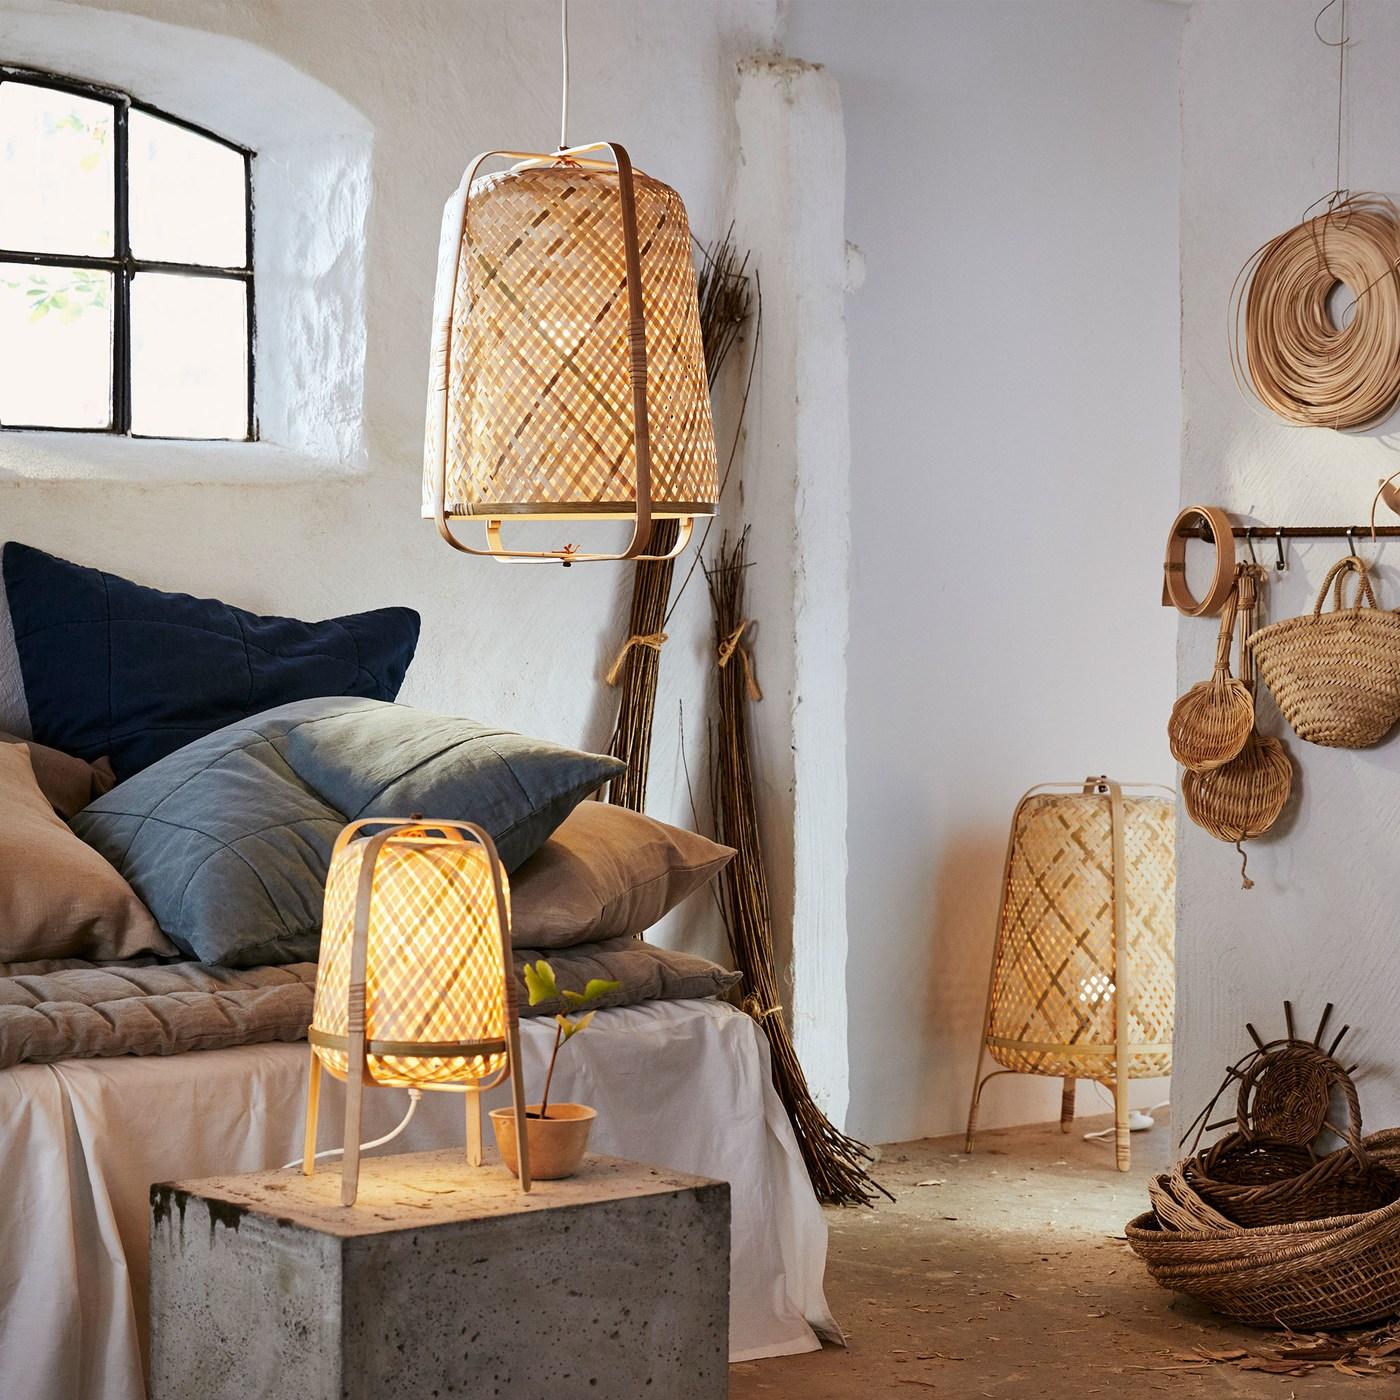 KNIXHULT КНІКСХУЛЬТ бамбуковий торшер, підвісний світильник та настільна лампа у білій вітальні. Вироби сплетені вручну з бамбука і мають вигнуті зовнішні елементи.